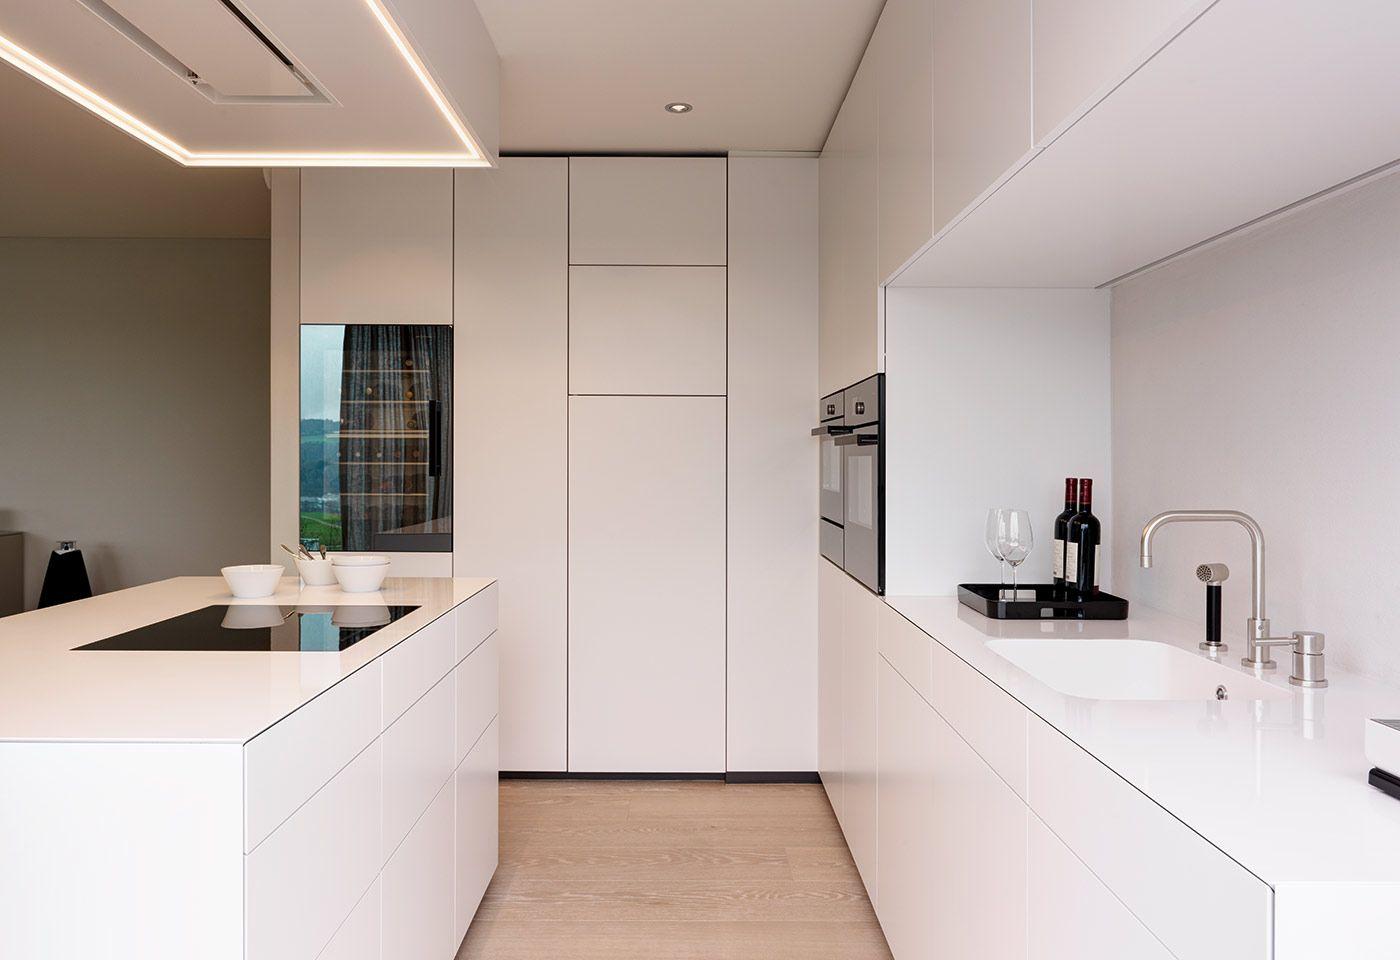 Küchenideen 2018 weiß die schlichte und minimalistisch gestaltete küche in weiss im